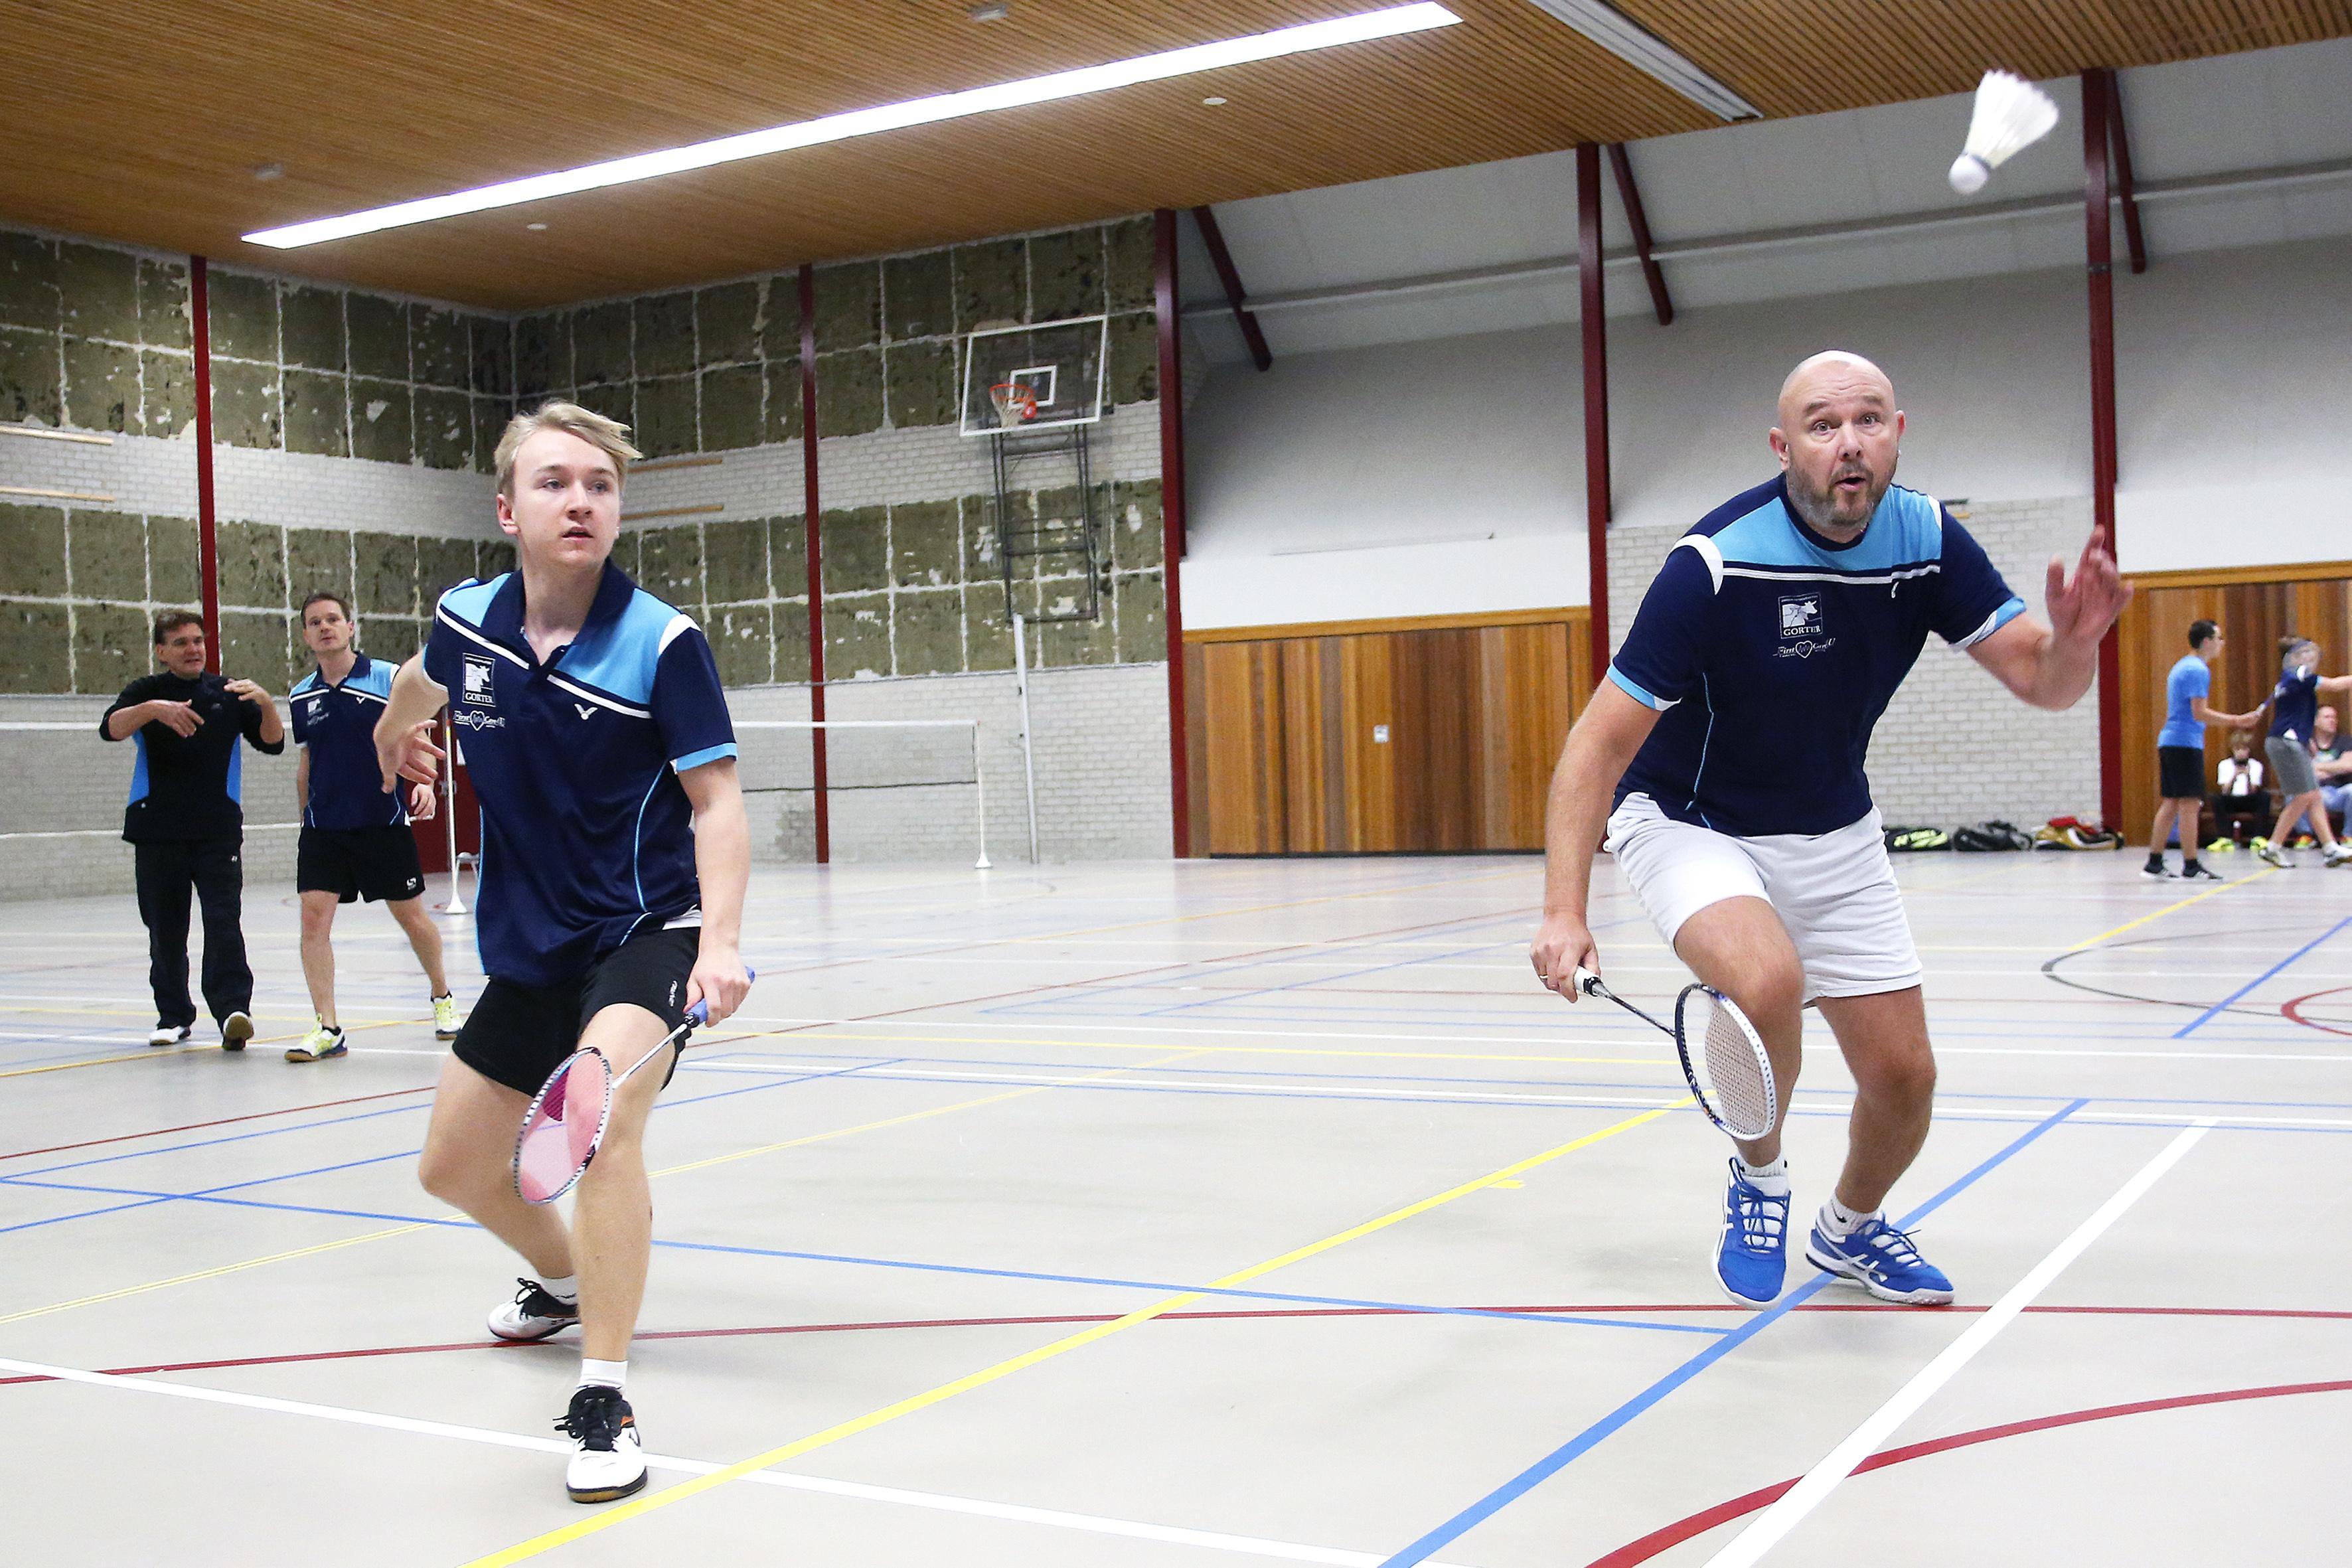 Badminton: Weesp laat het lopen, Inside 'zeer tevreden'